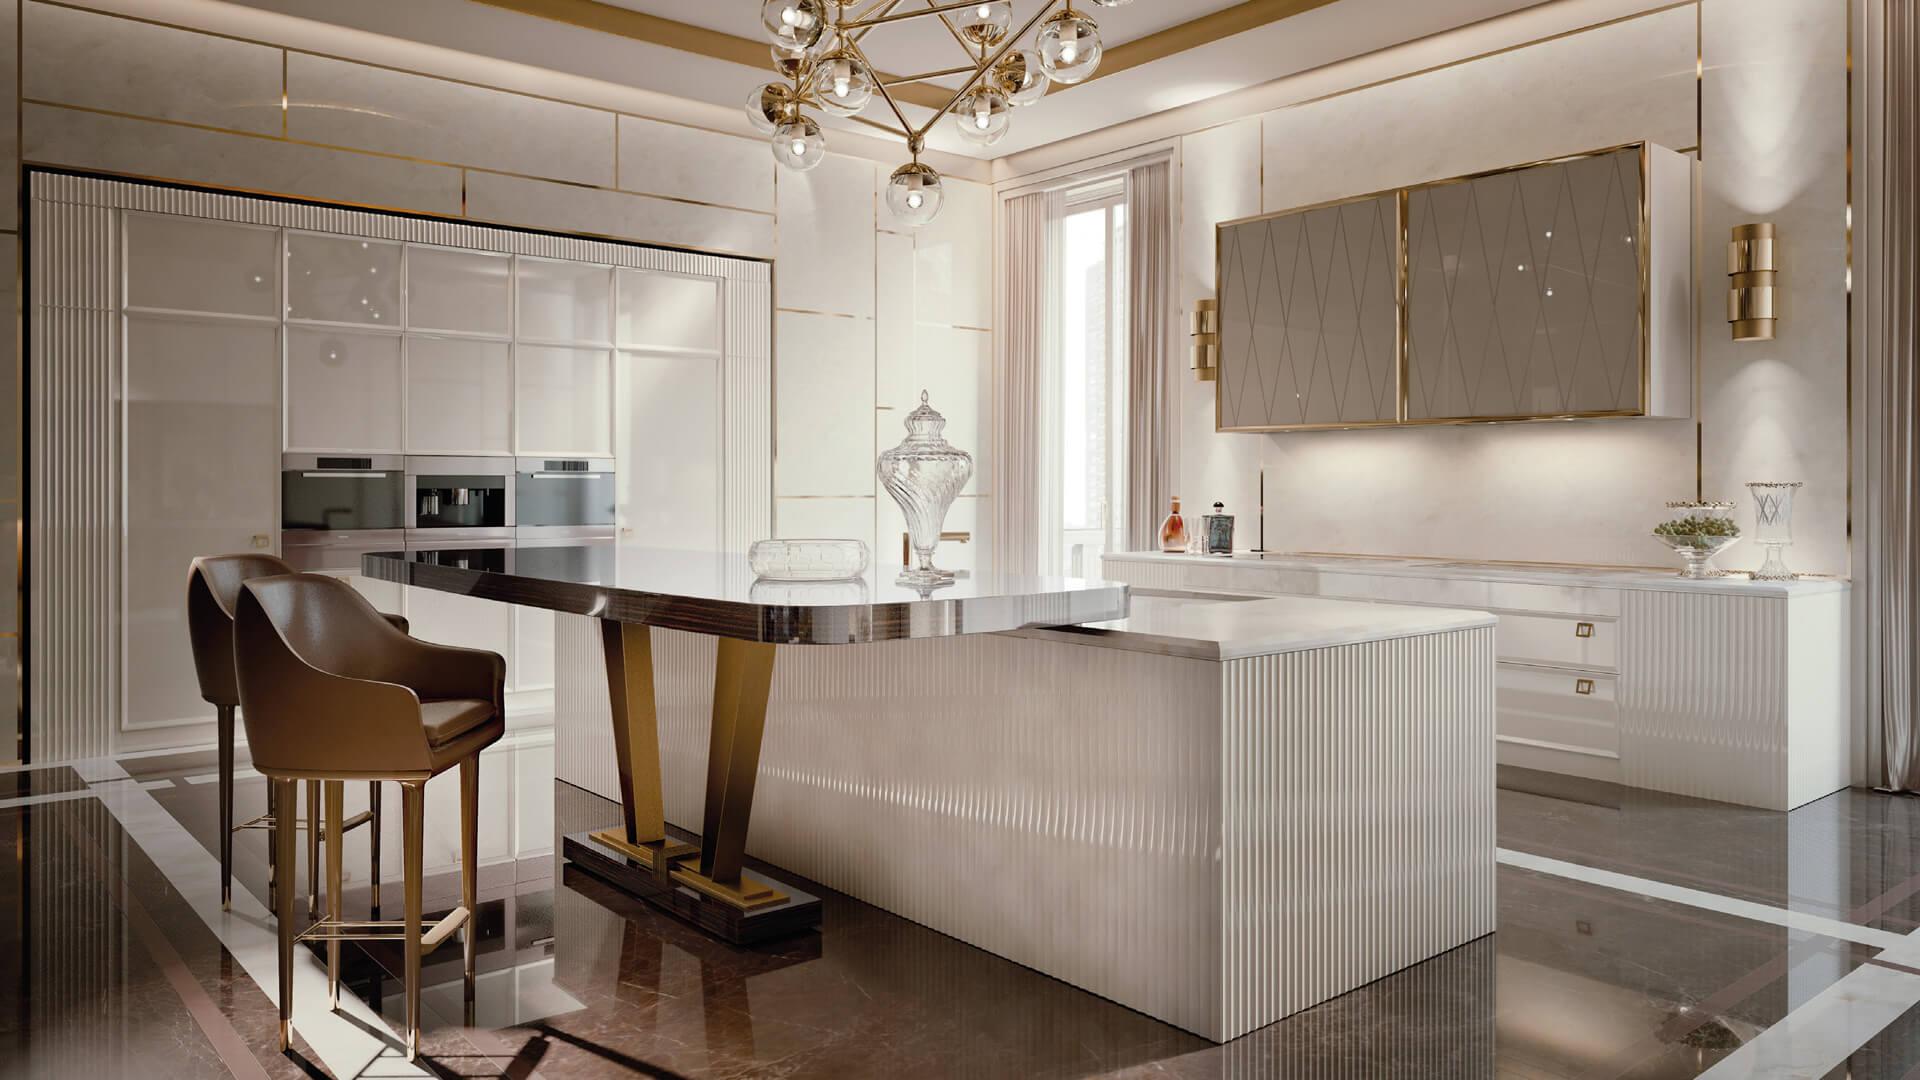 дизайн кухни в стиле арт деко фото обонятельная мера, которая